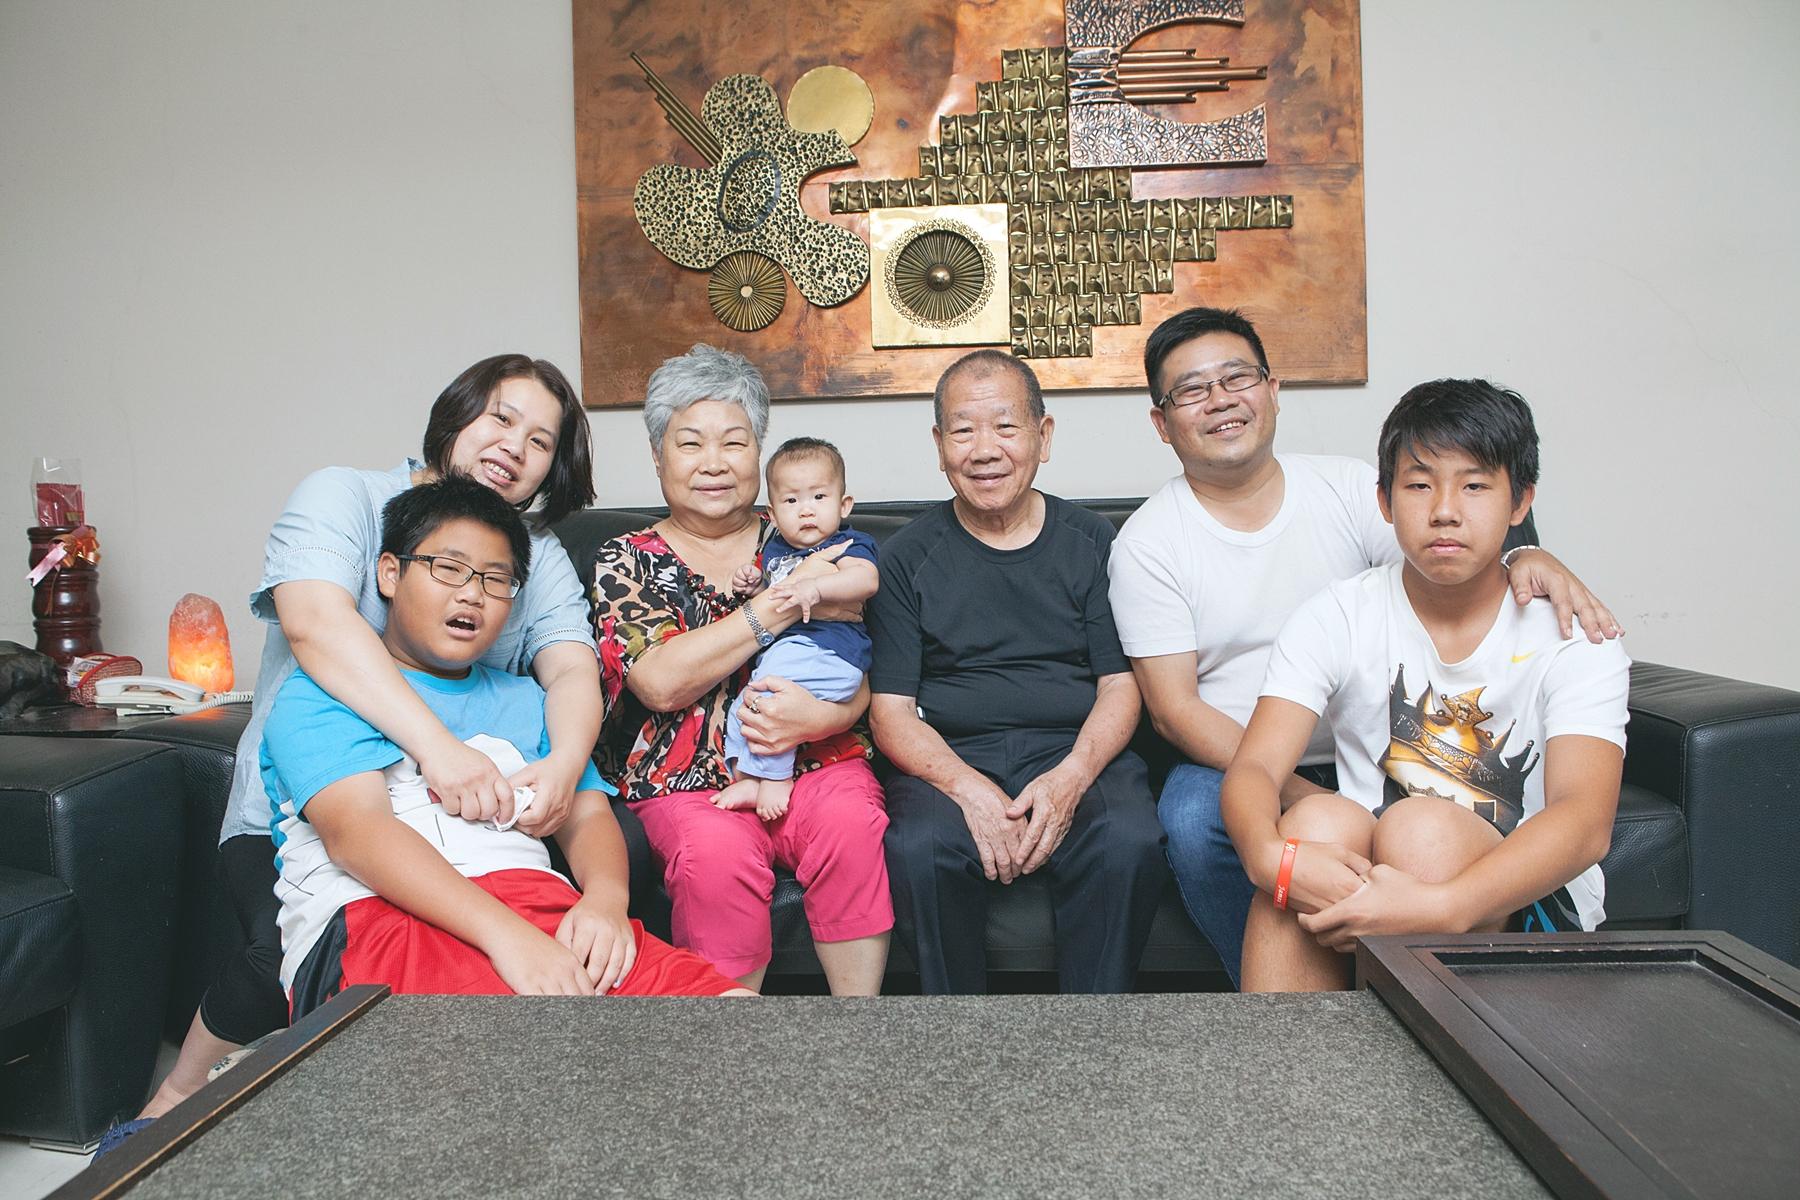 家庭記錄,親子記錄,新北,永和,底片風格,自然